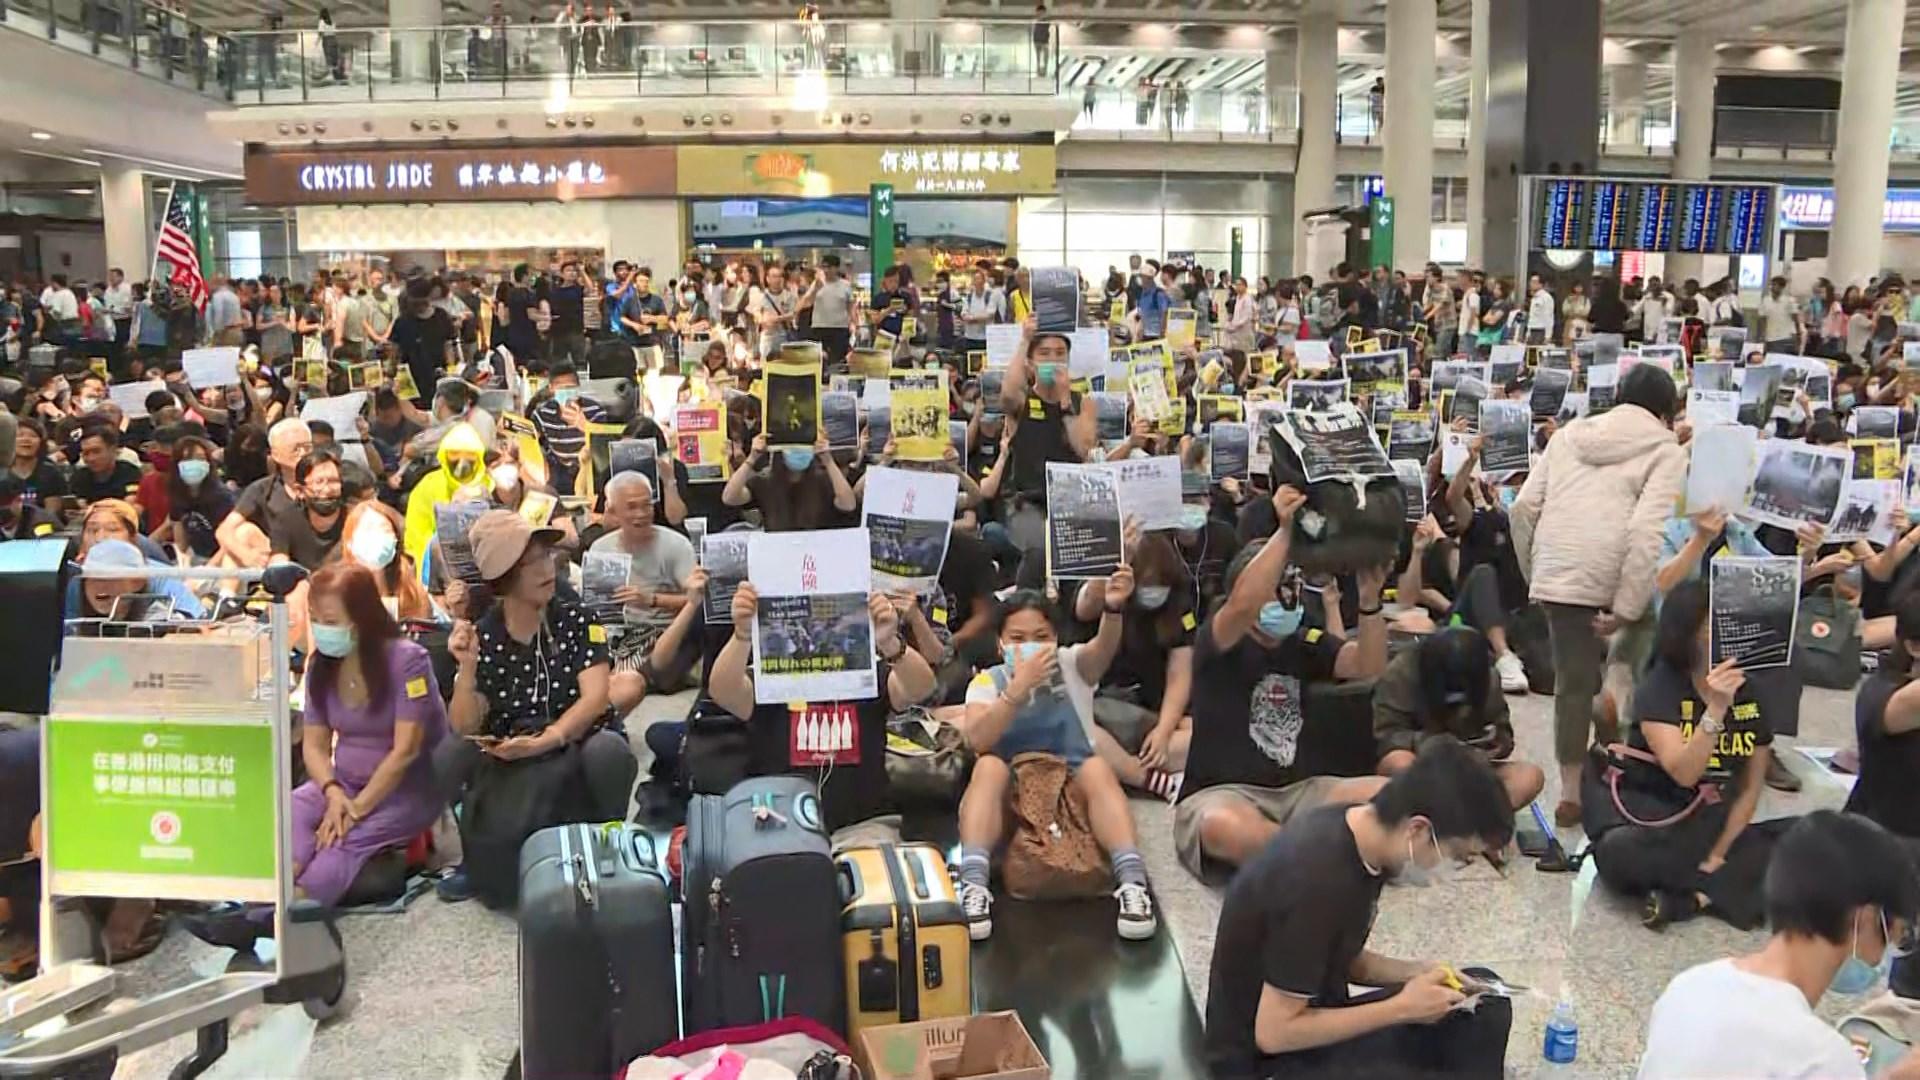 機場反修例集會   幾百人在接機大堂靜坐